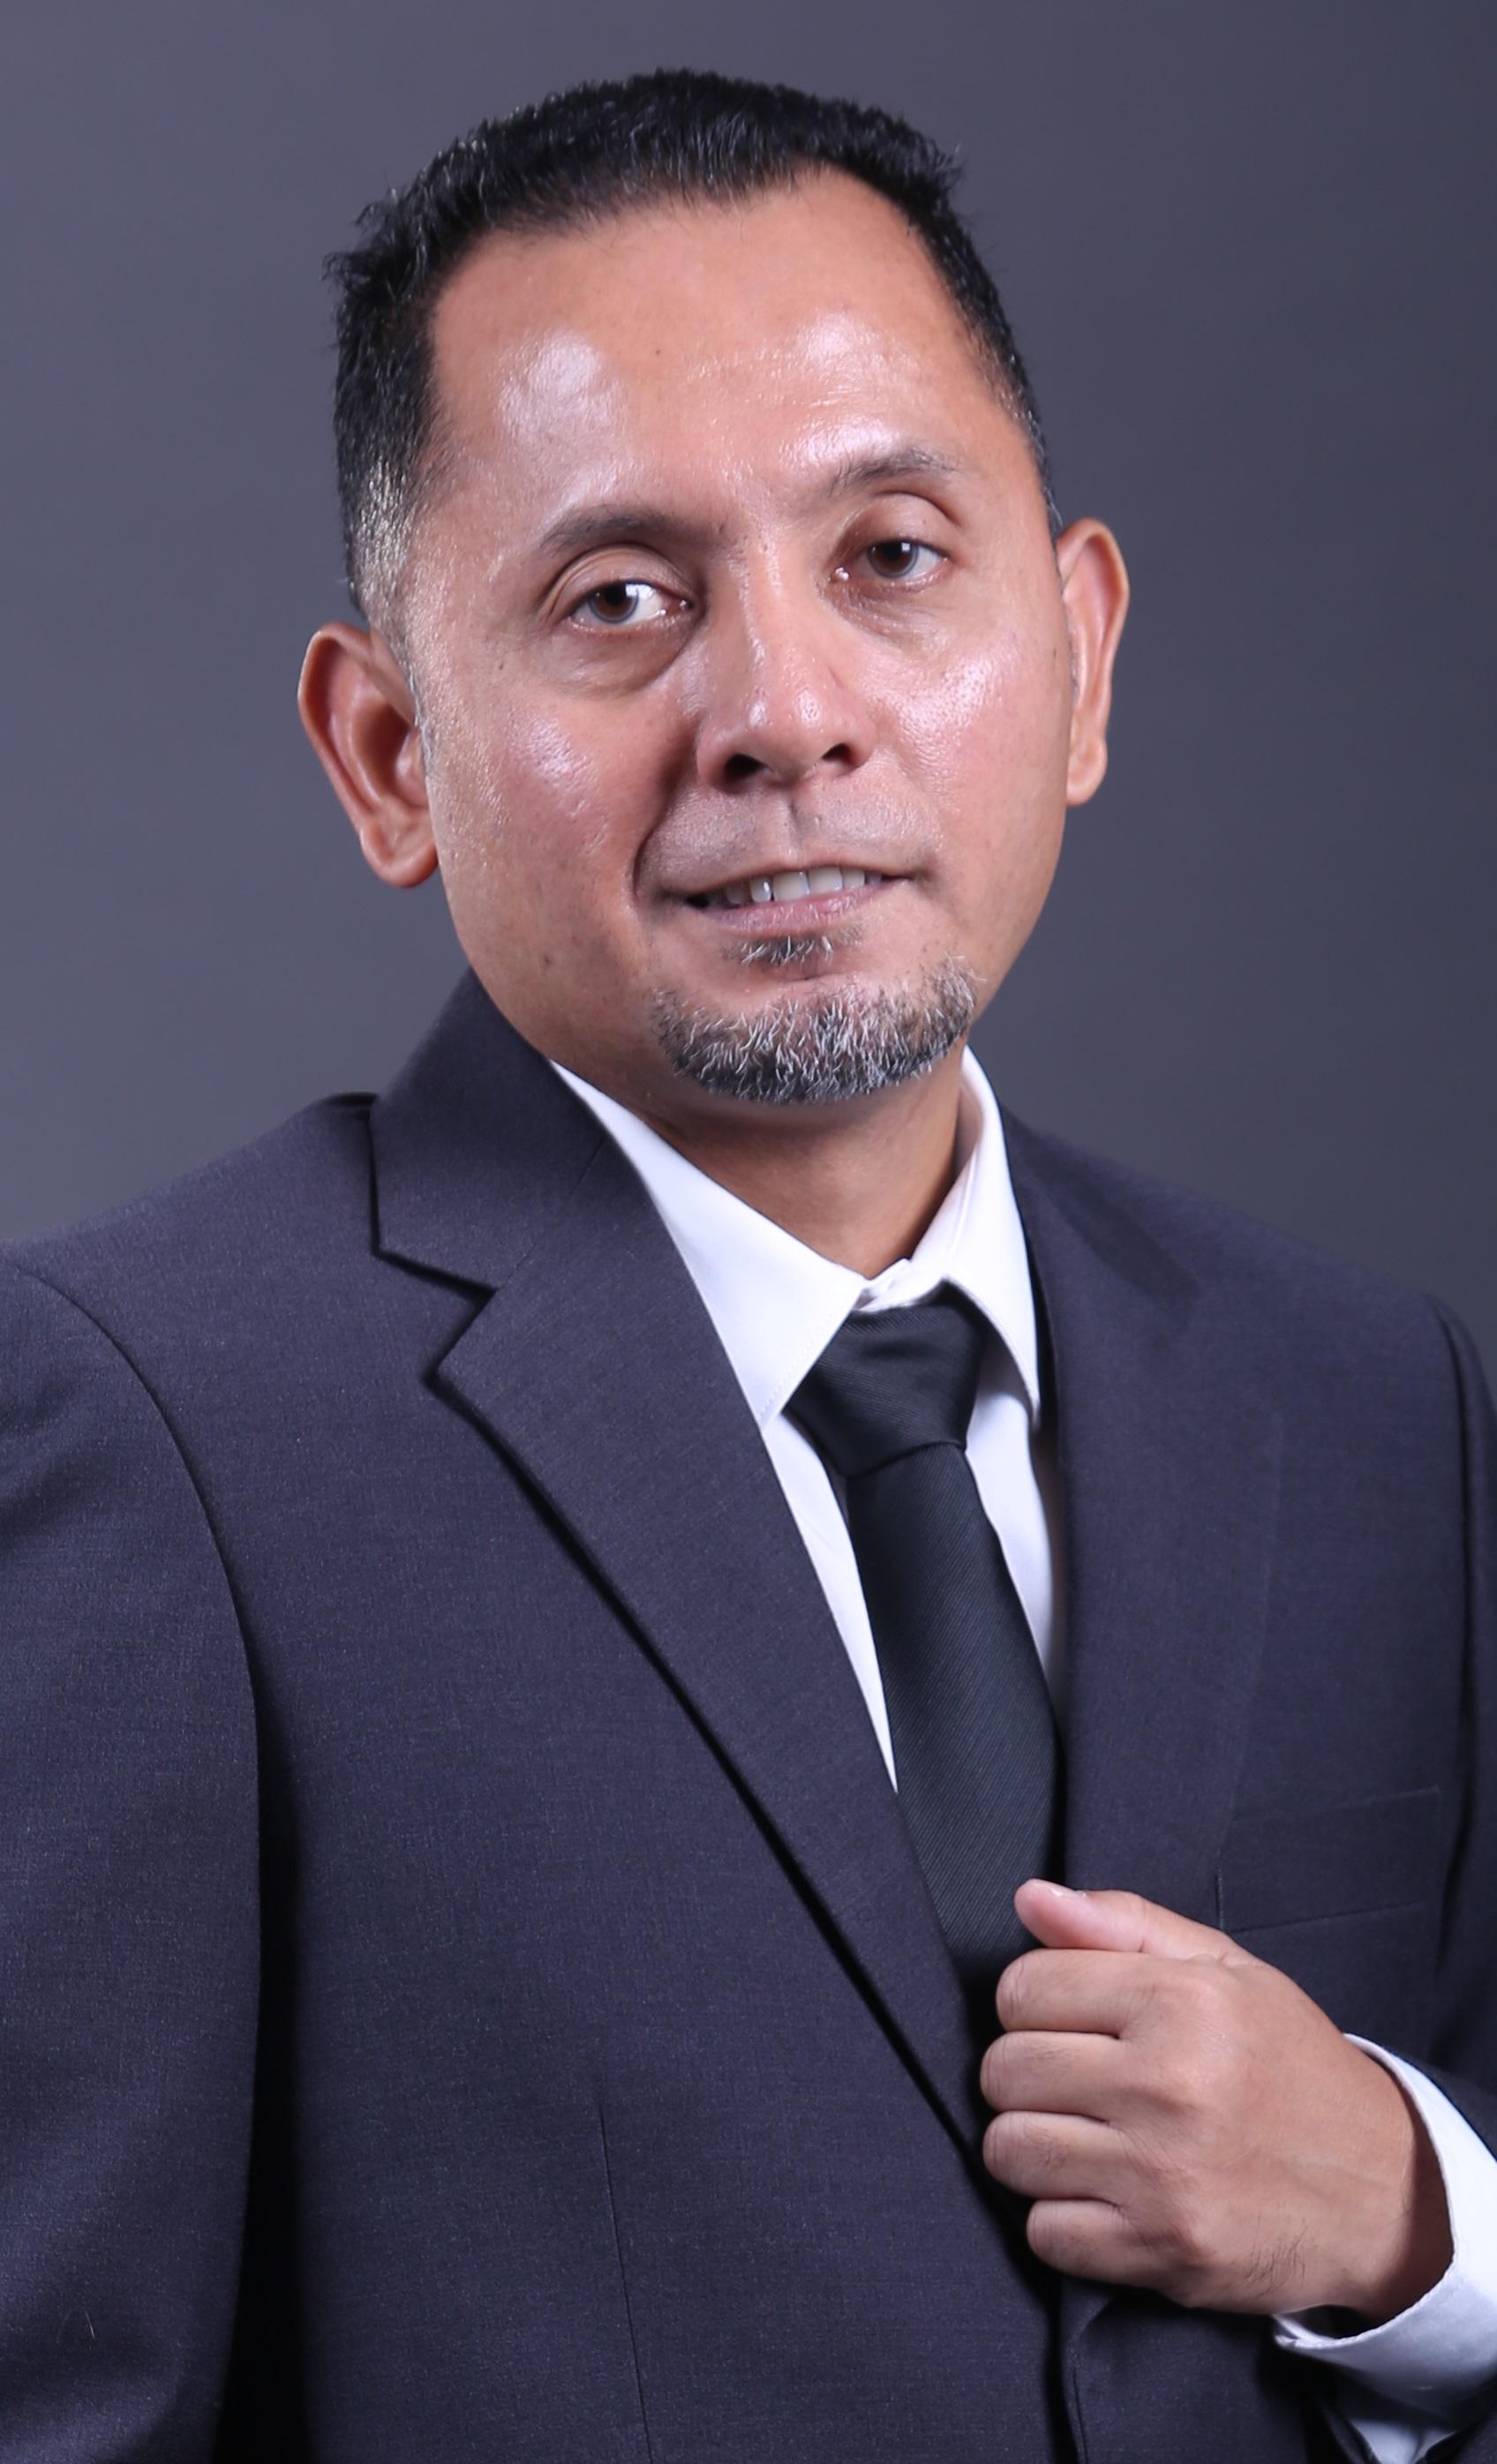 Izni Syahrizal Ibrahim